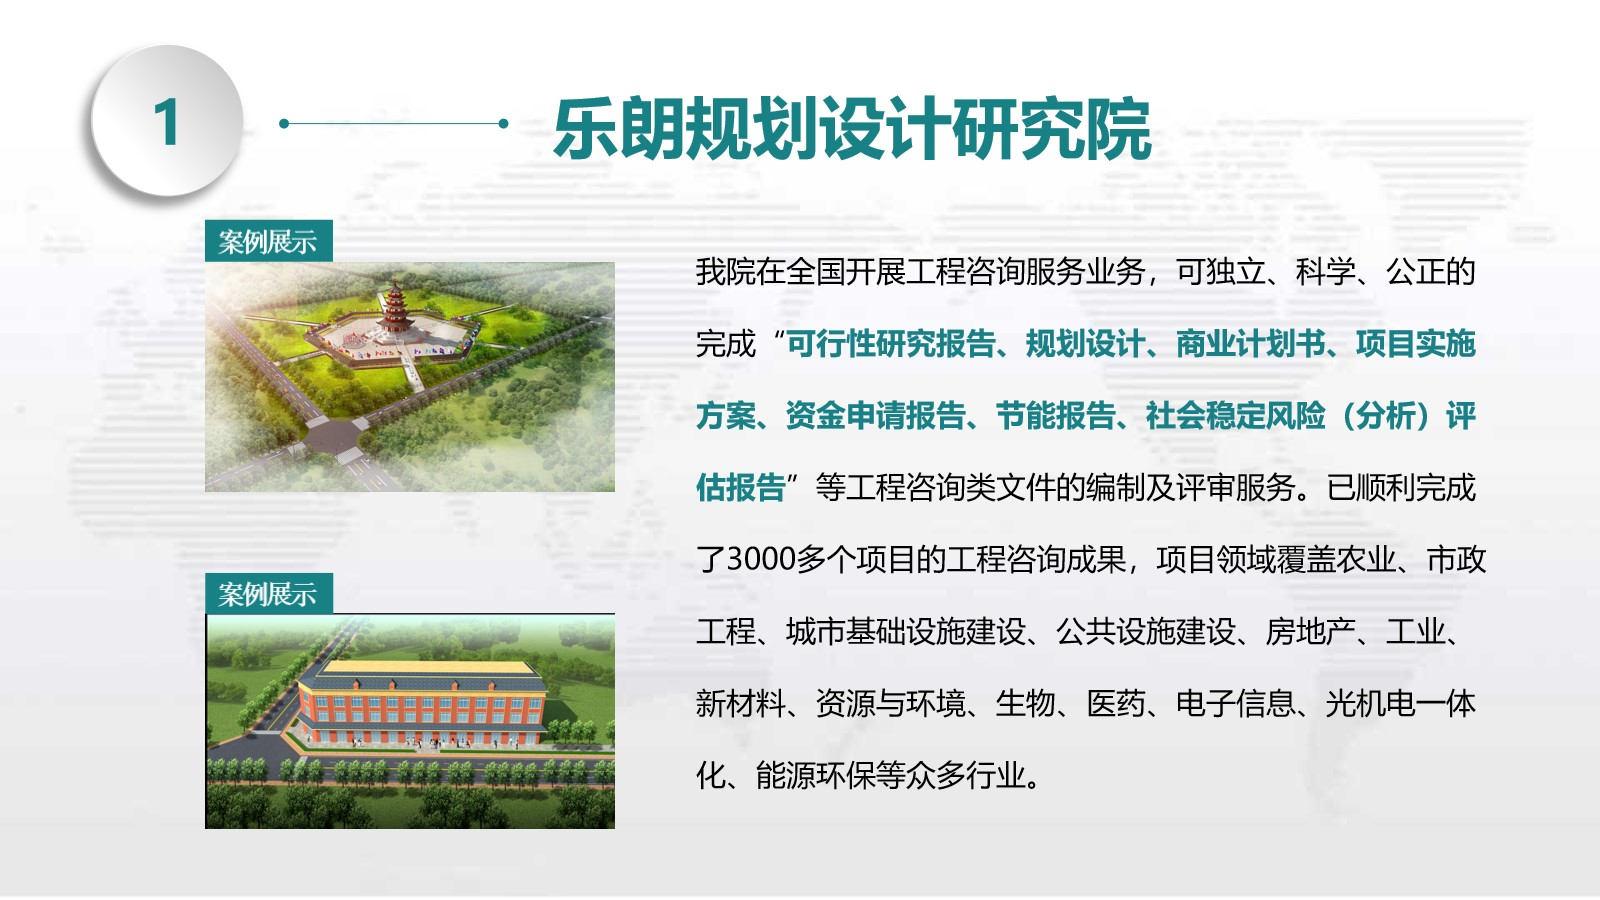 桂林写可行性研究报告的公司参考案例